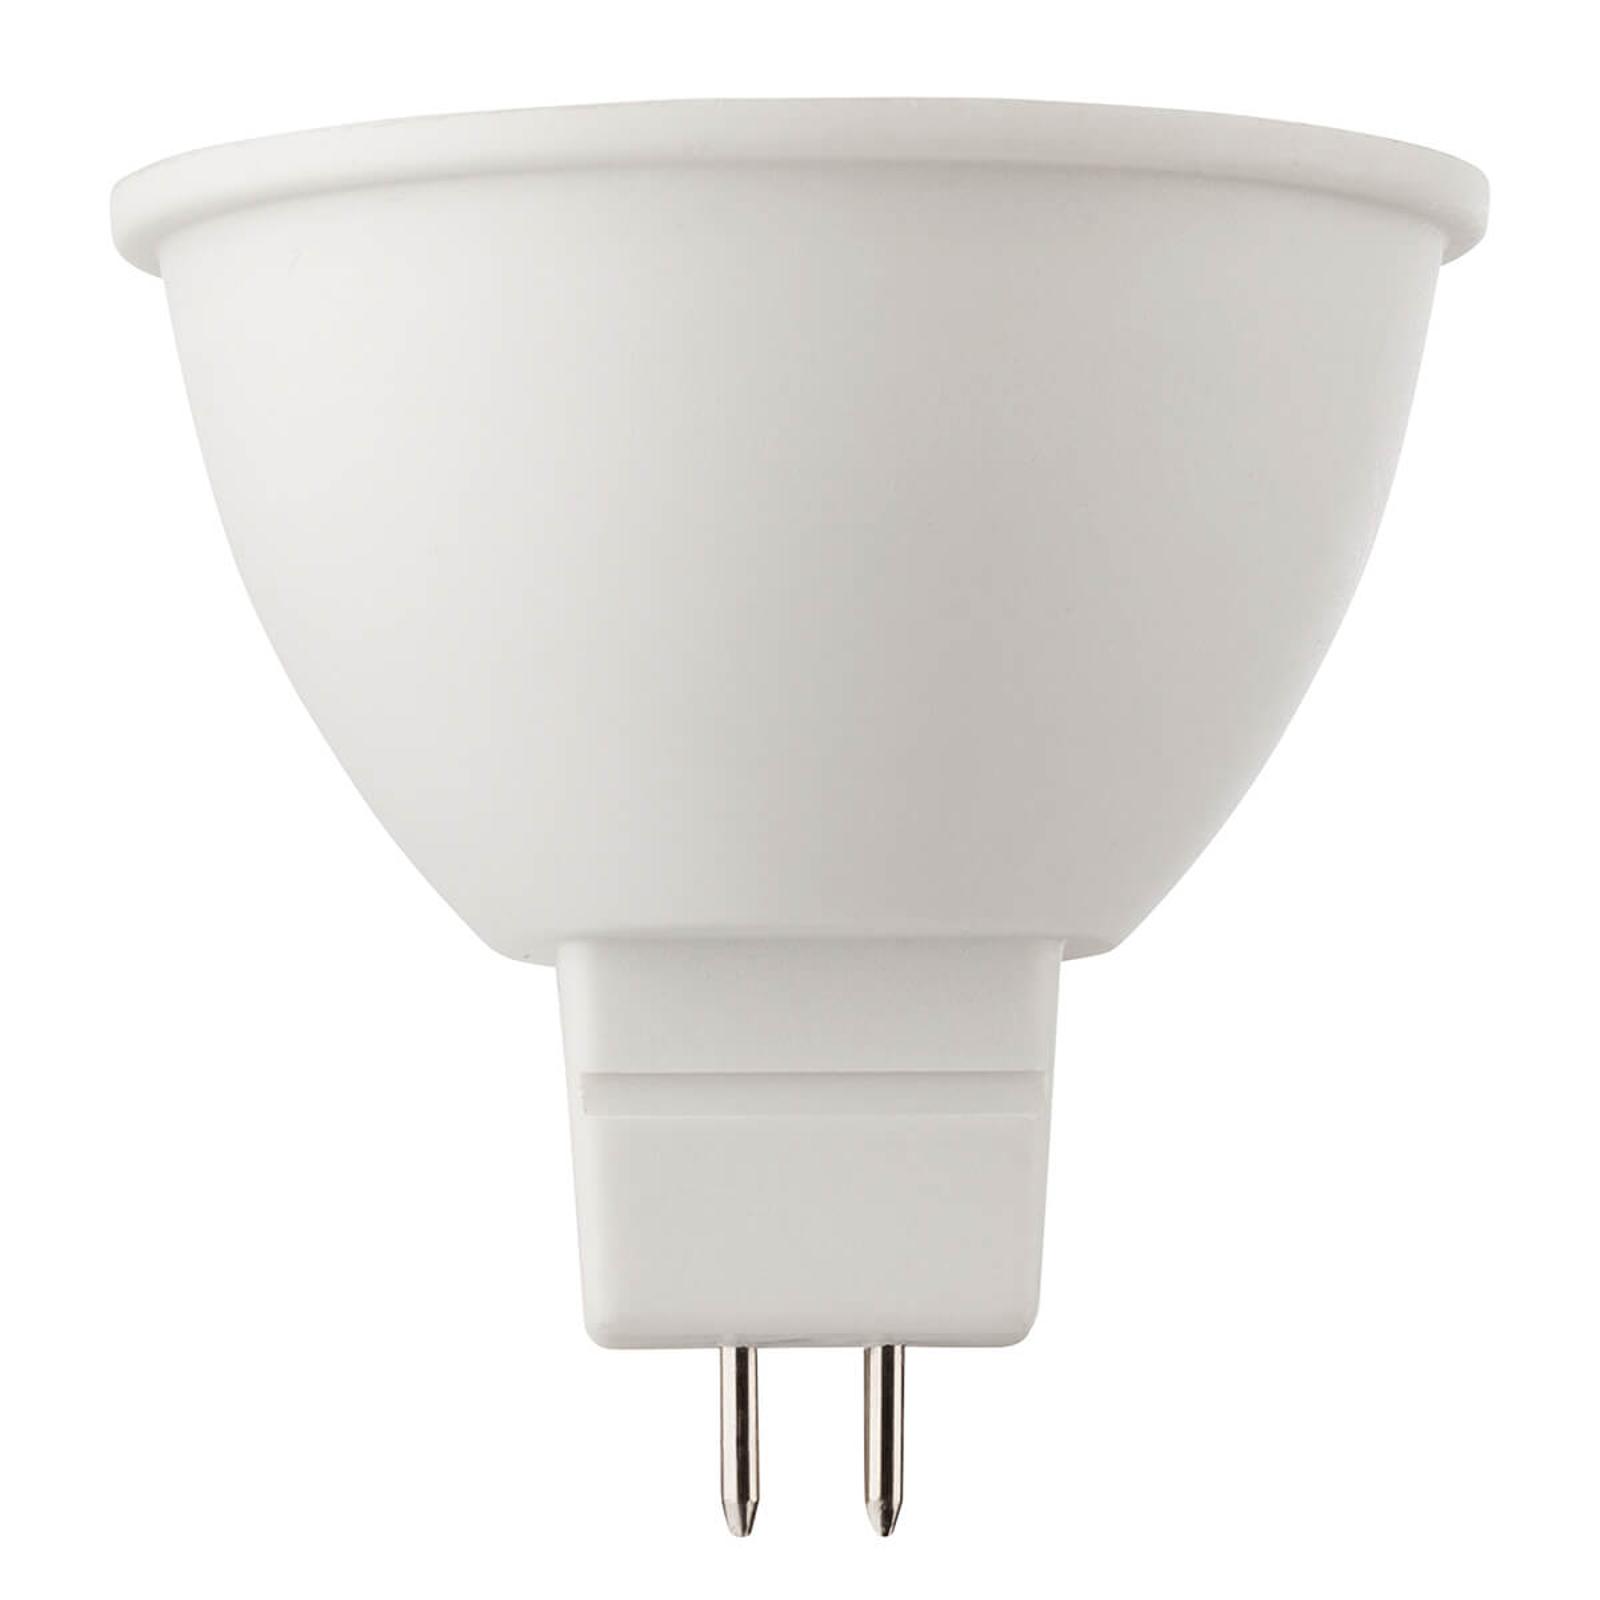 Reflektor LED GU5,3 6,5W 840 36°